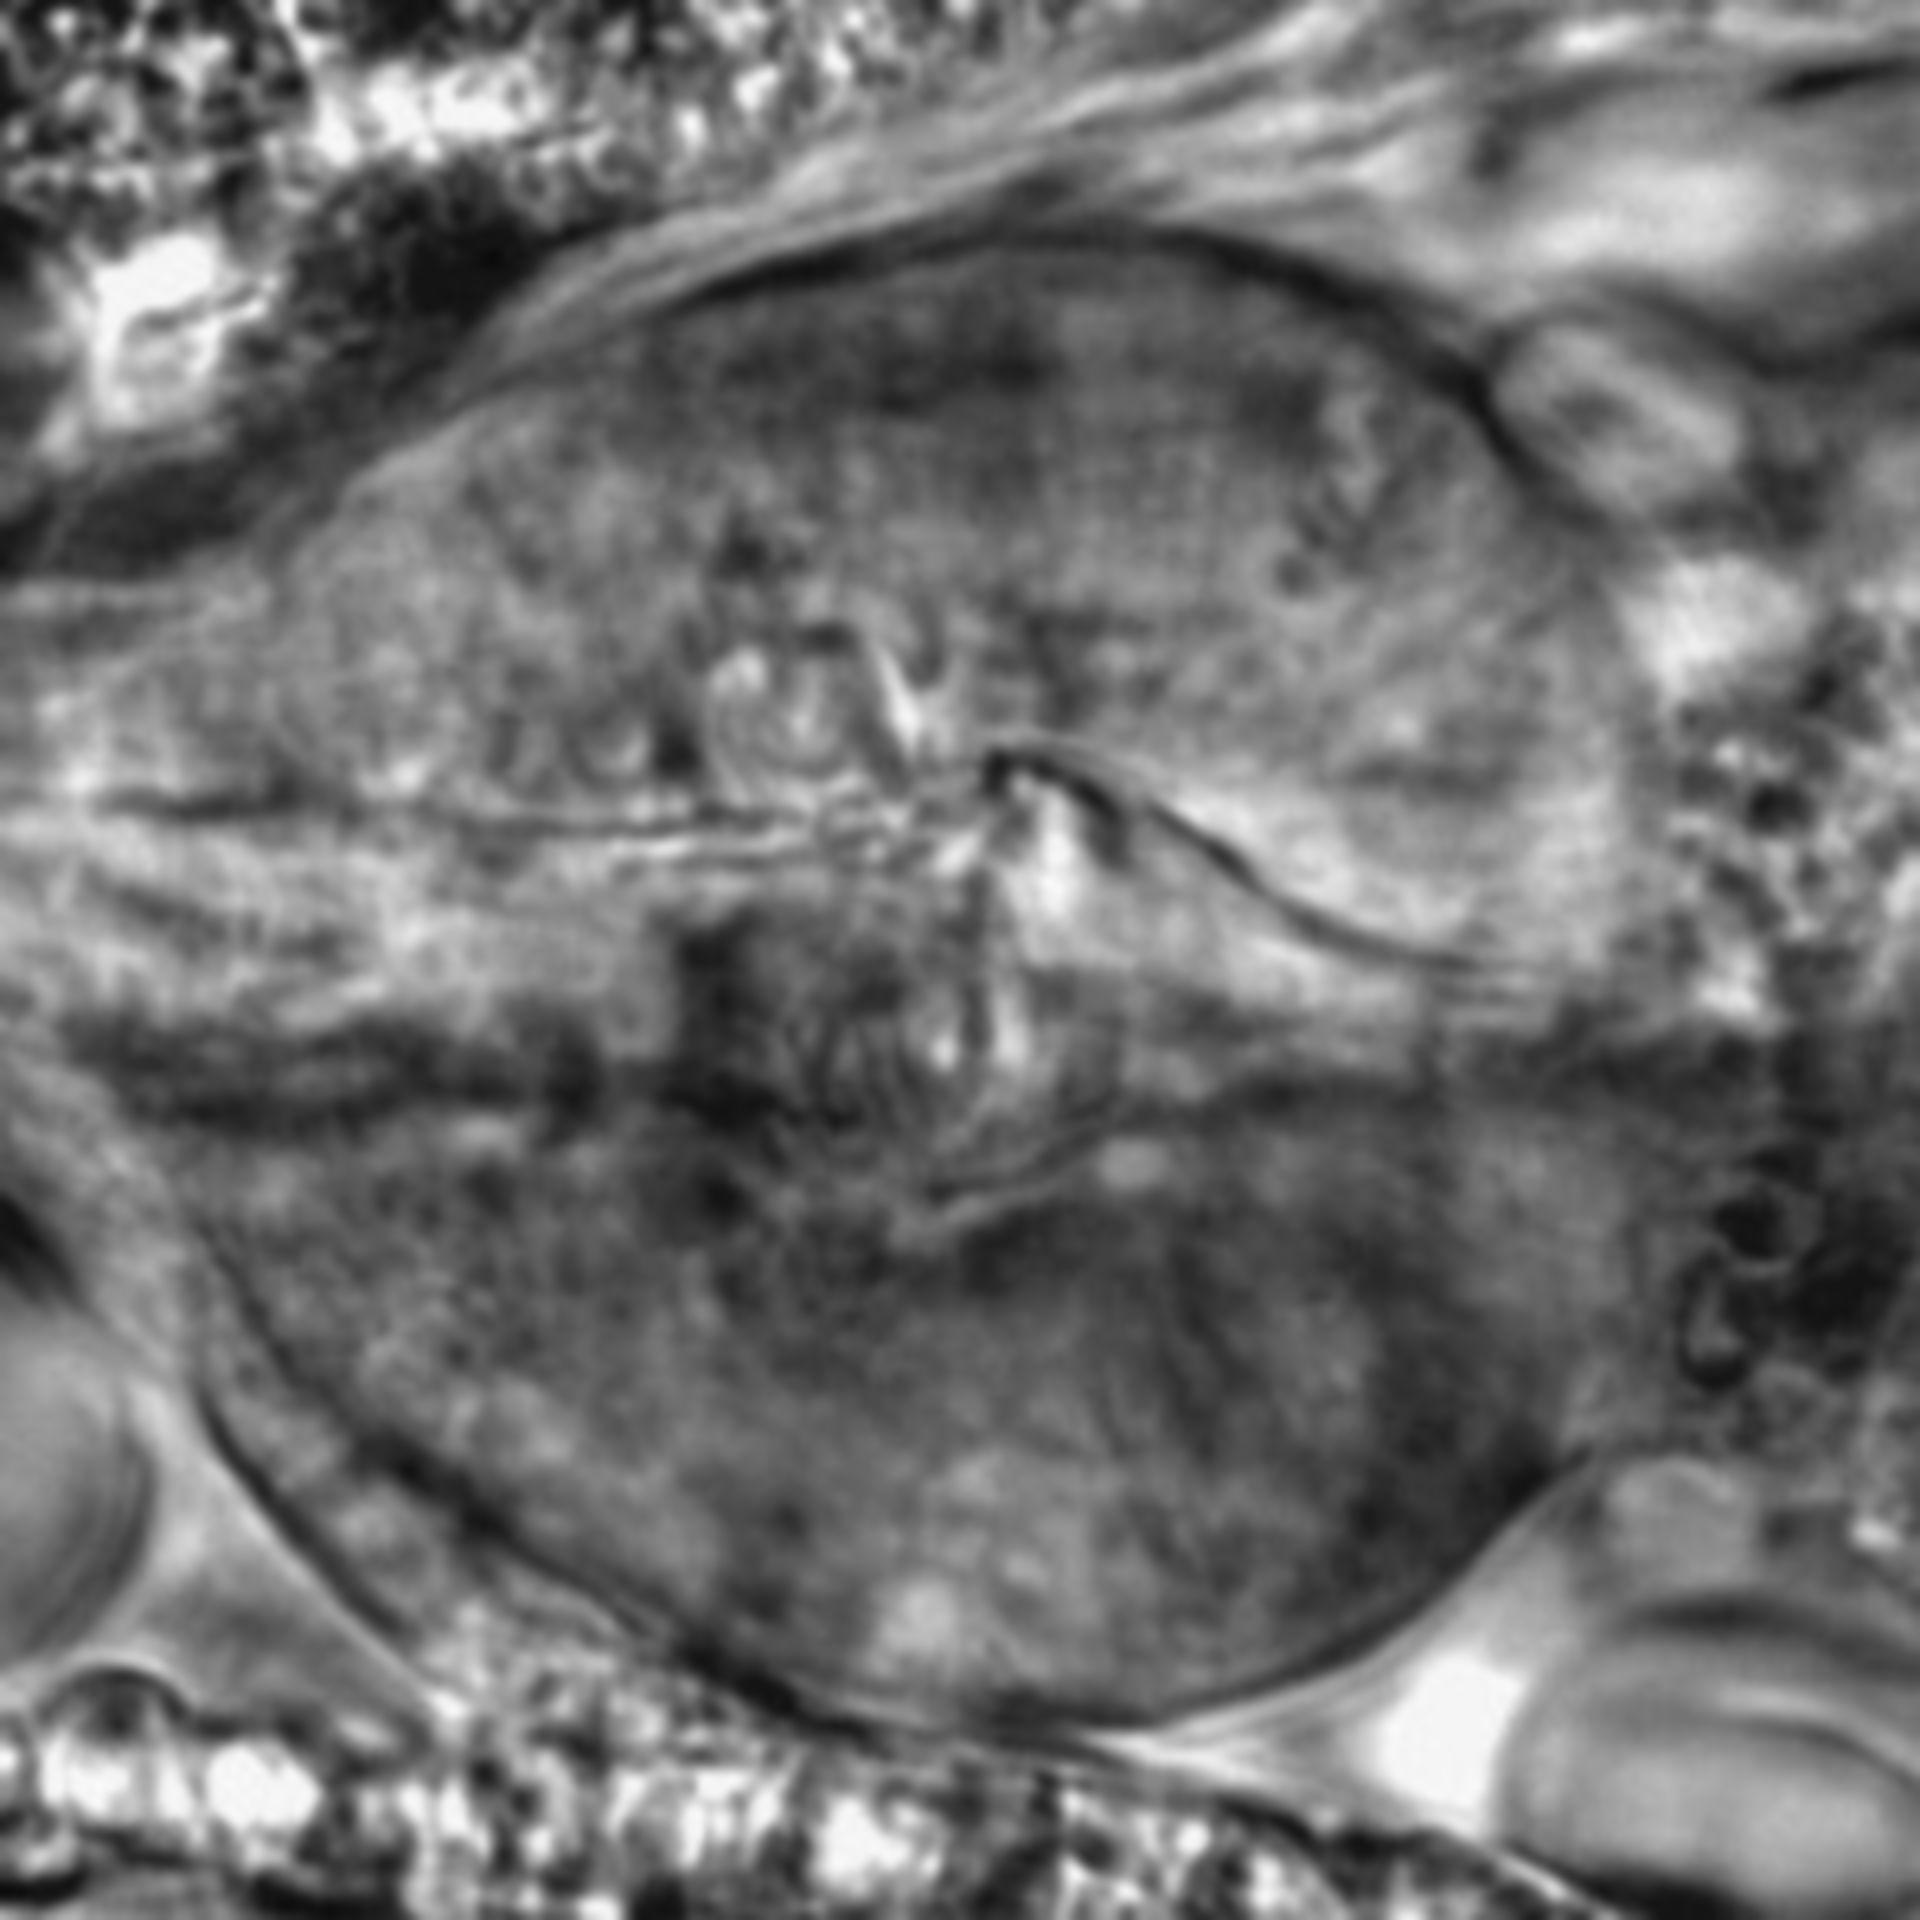 Caenorhabditis elegans - CIL:2243